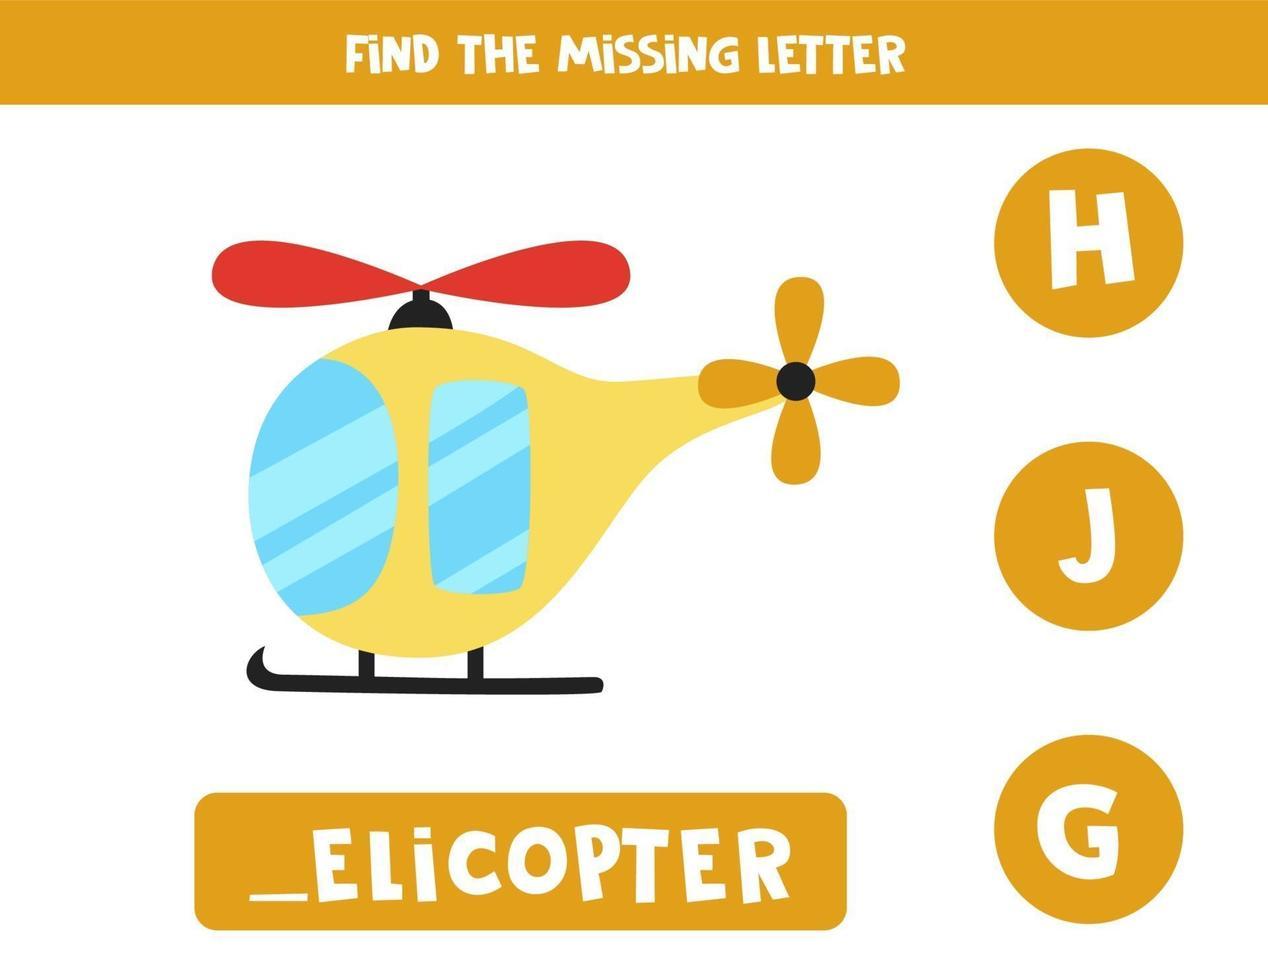 trouver la lettre manquante avec un hélicoptère de dessin animé. feuille de calcul d'orthographe. vecteur